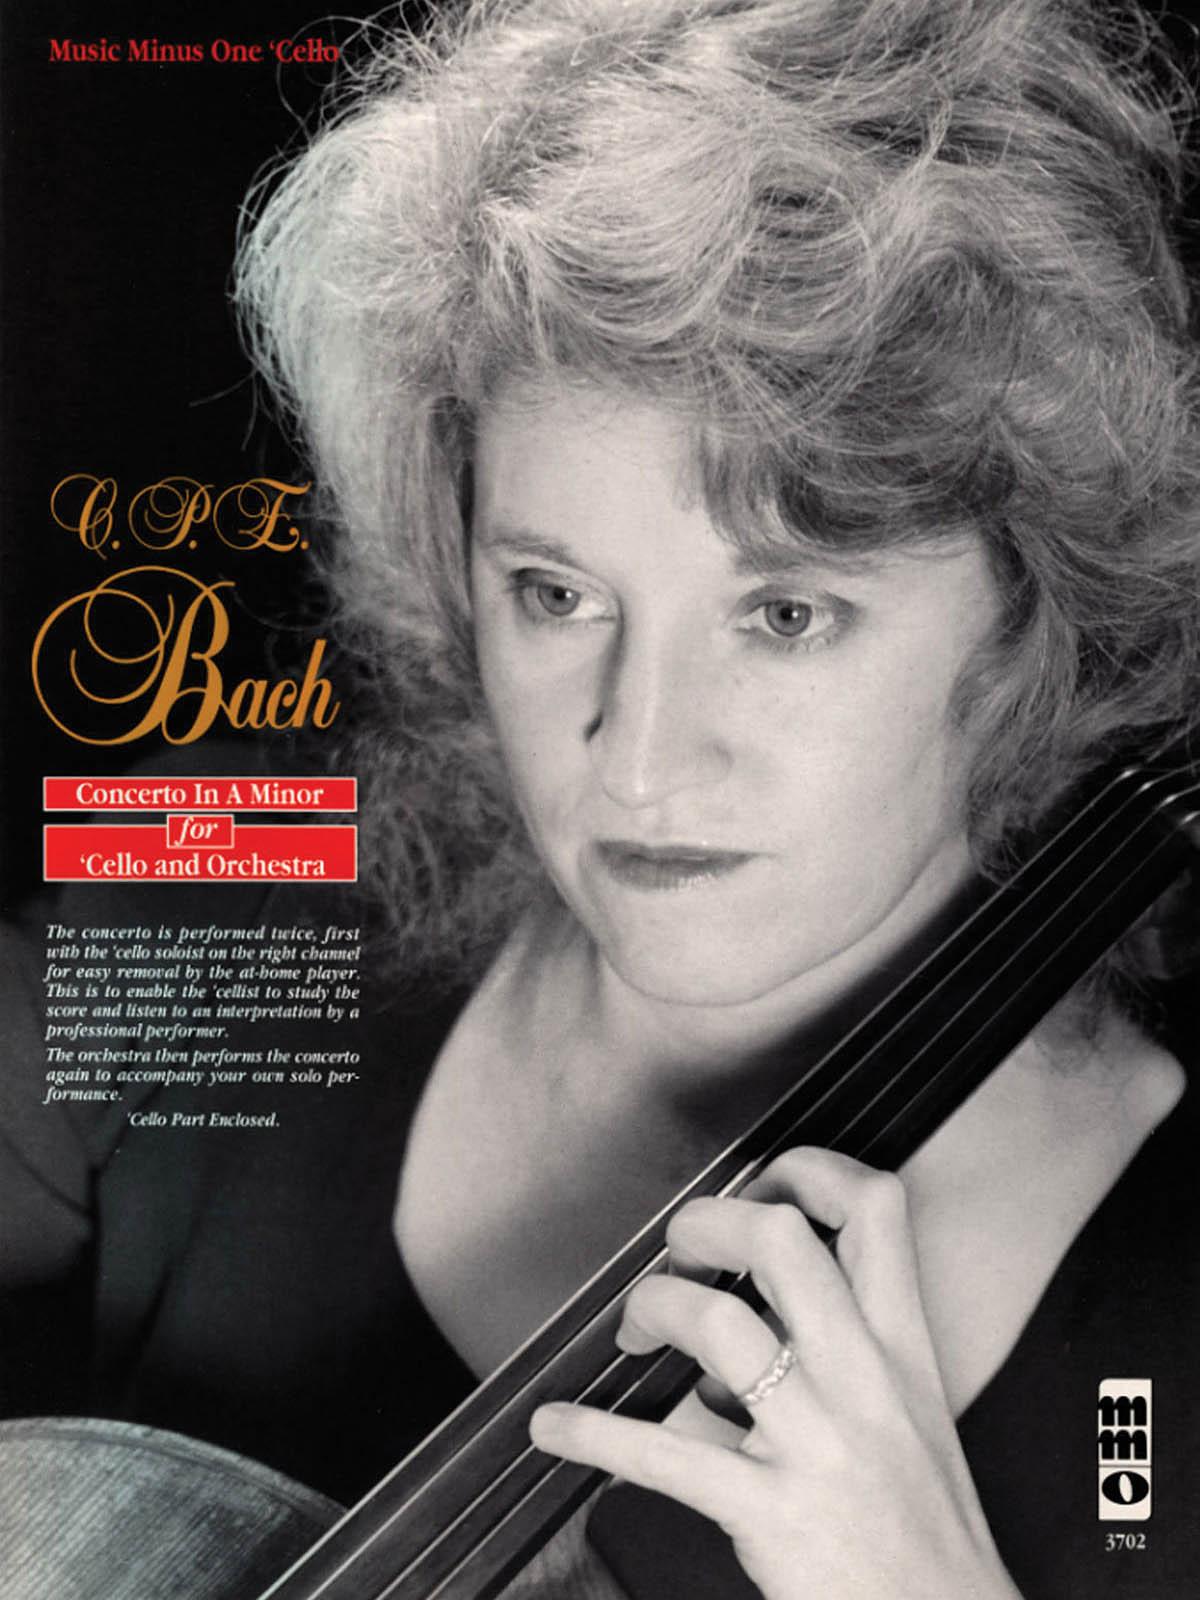 Carl Philipp Emanuel Bach: Violoncello Concerto in A Minor  Wq170/h432: Cello